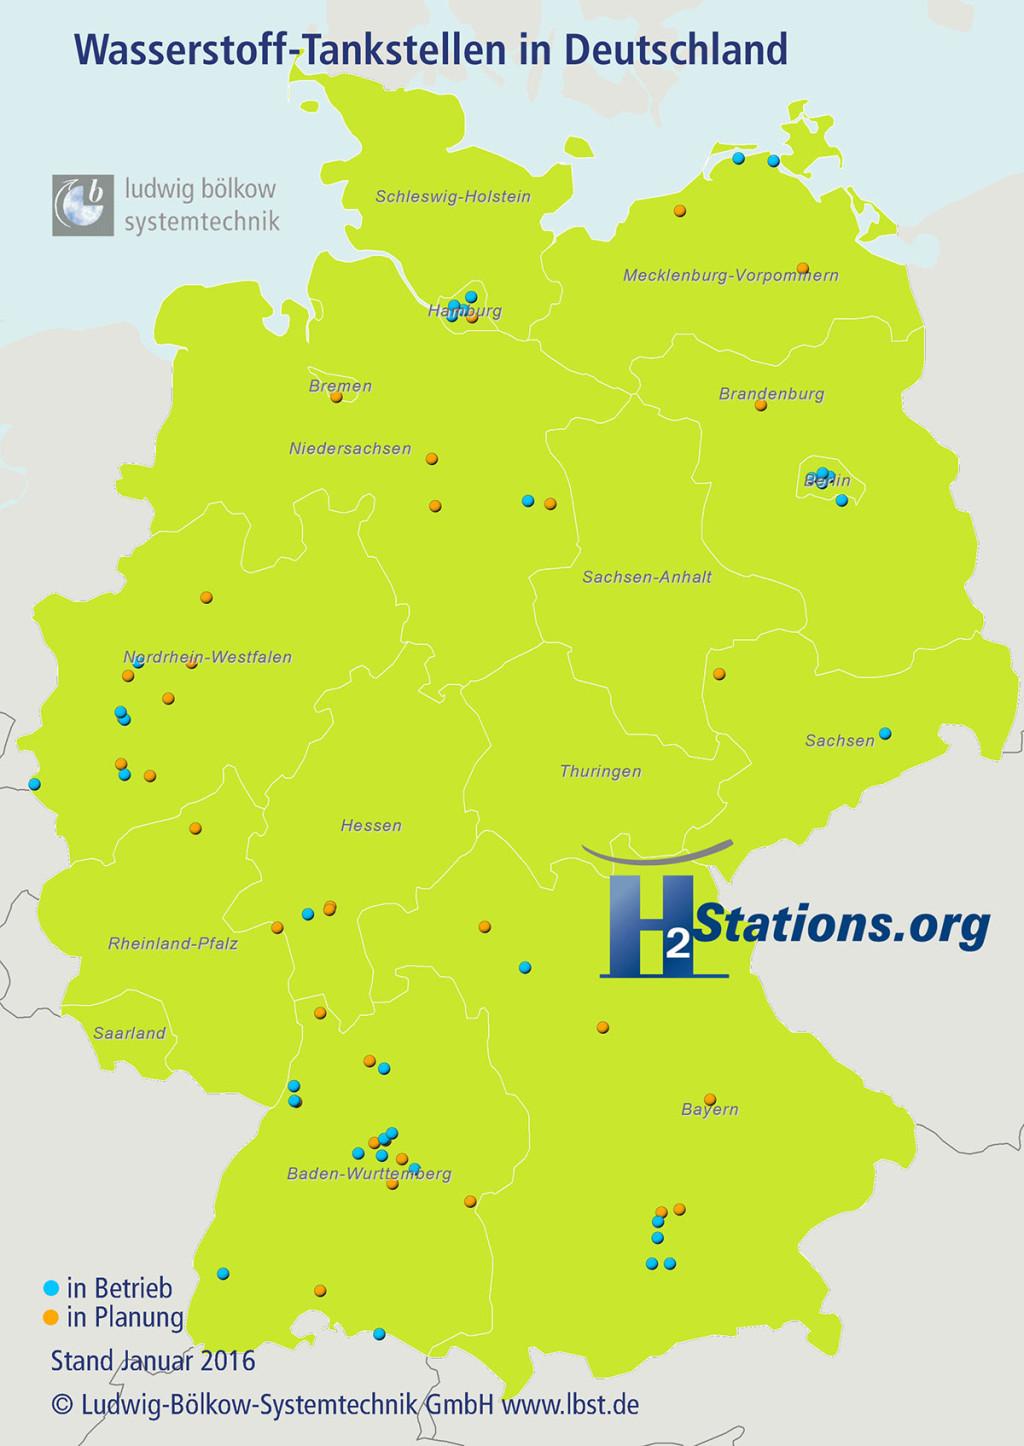 Wasserstofftankstellen-Deutschland-2016-Anzahl